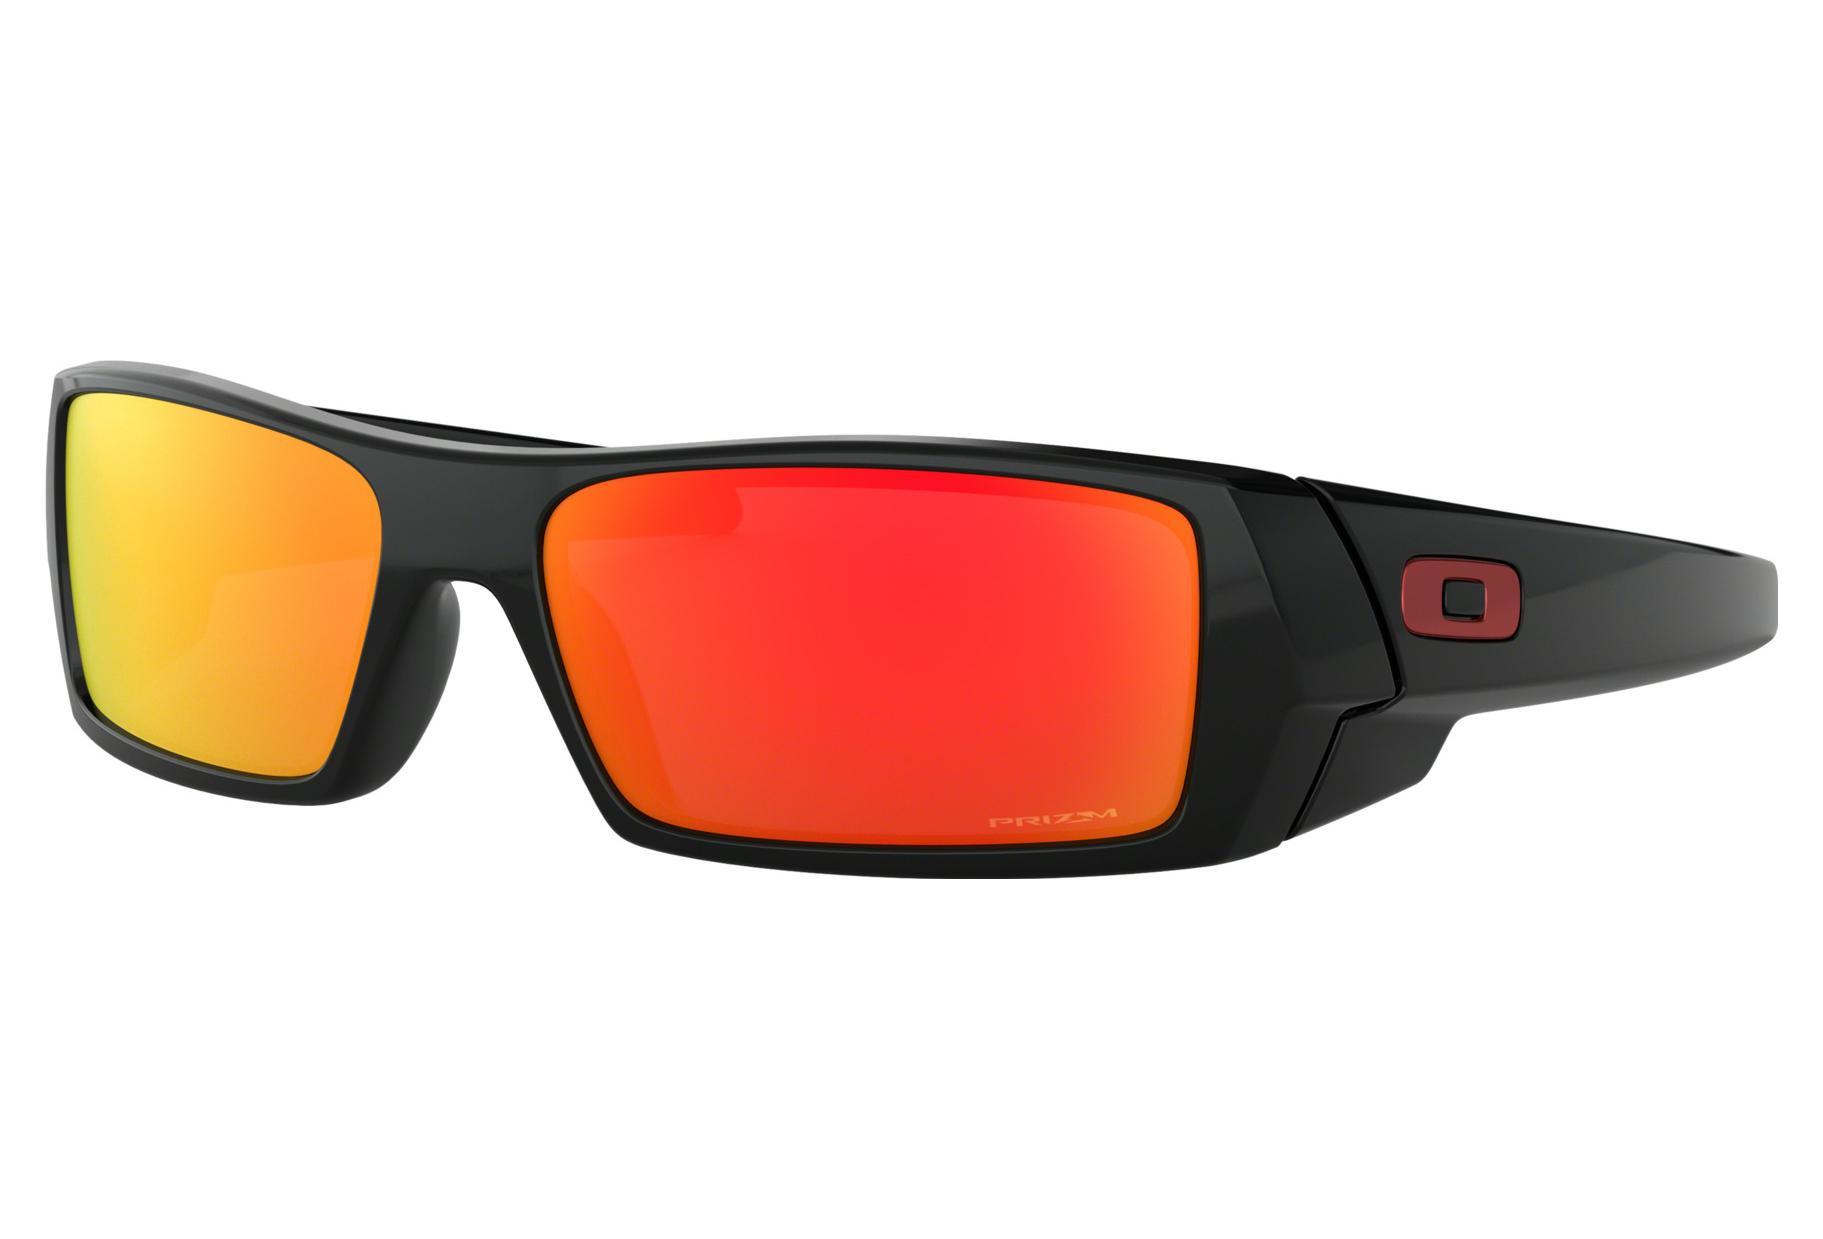 21052f10eb Gafas de sol Oakley Gascan Polished Black / Prizm Ruby / Ref. OO9014 ...